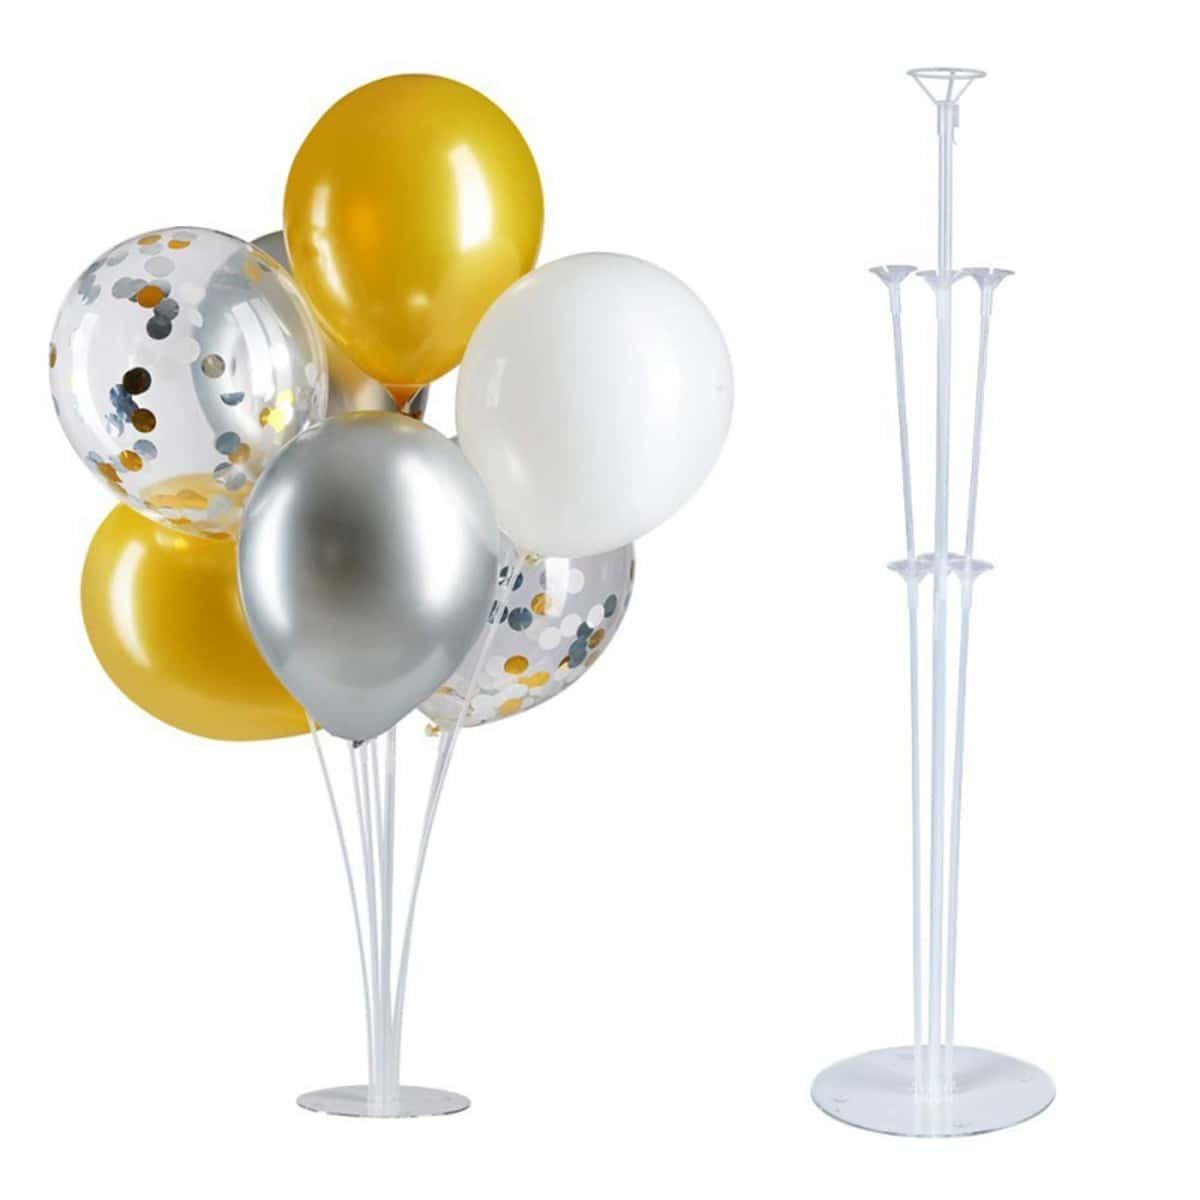 Ballon Cup Stick 1 set